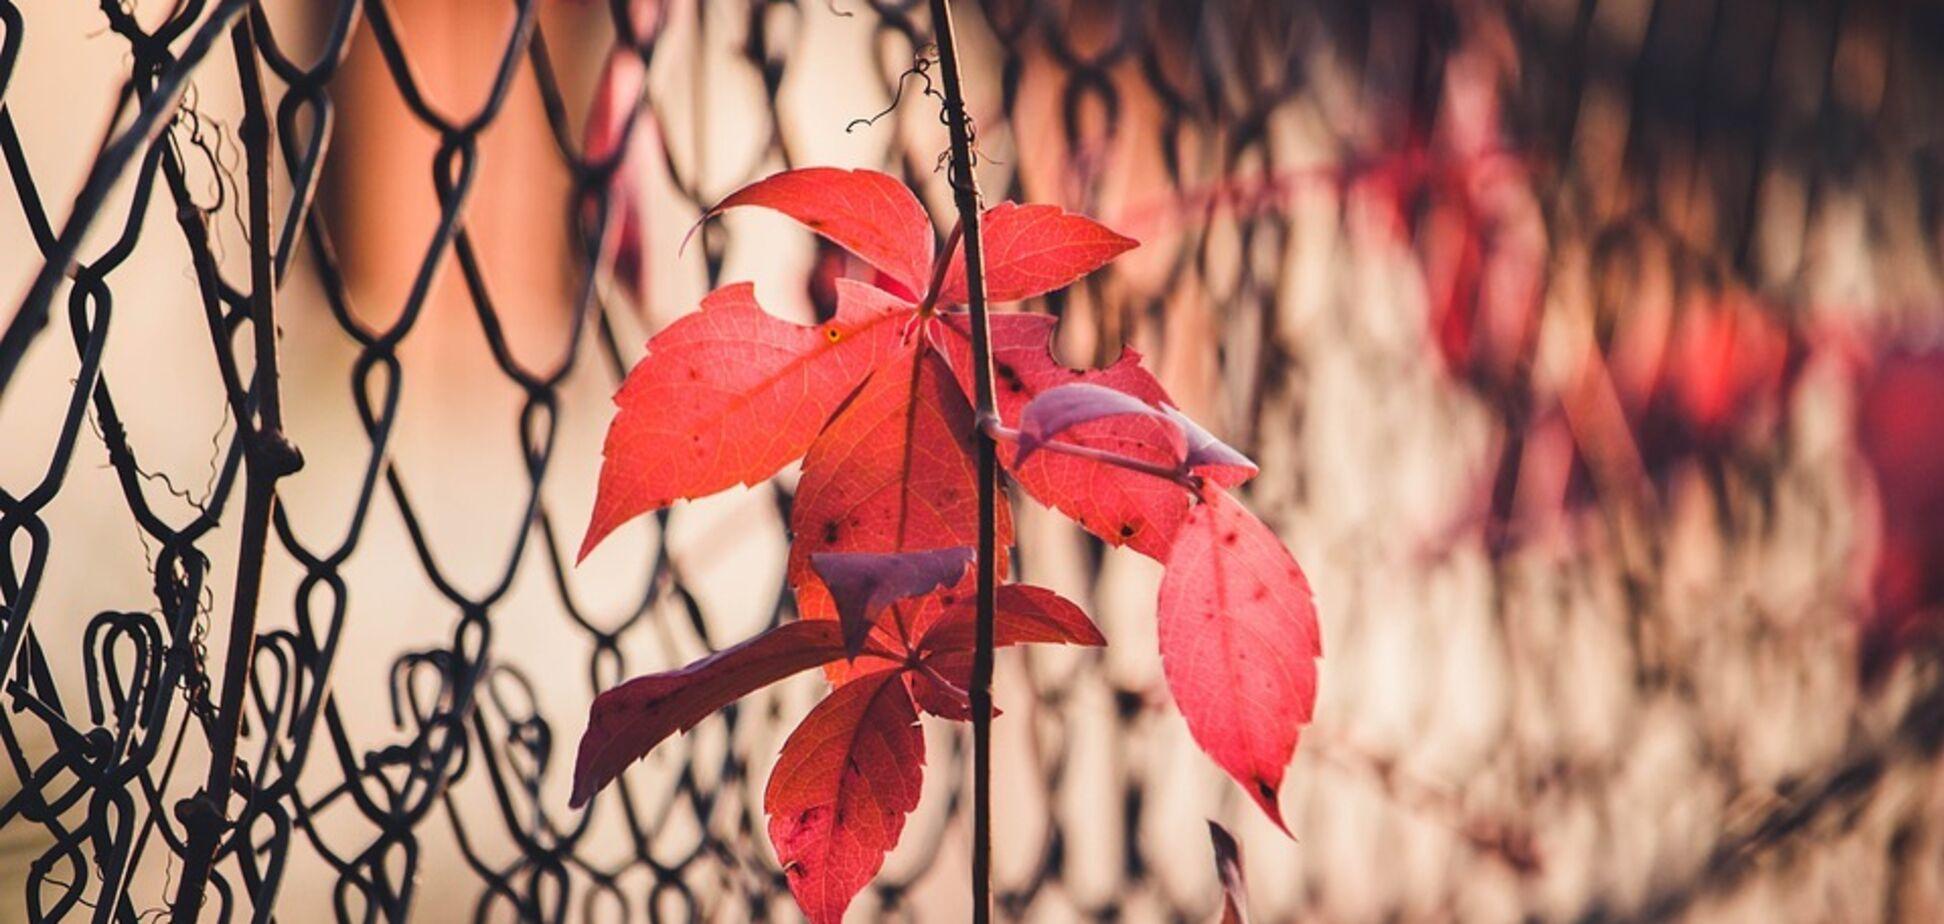 Днем 18 октября в Украине ожидается сухая погода